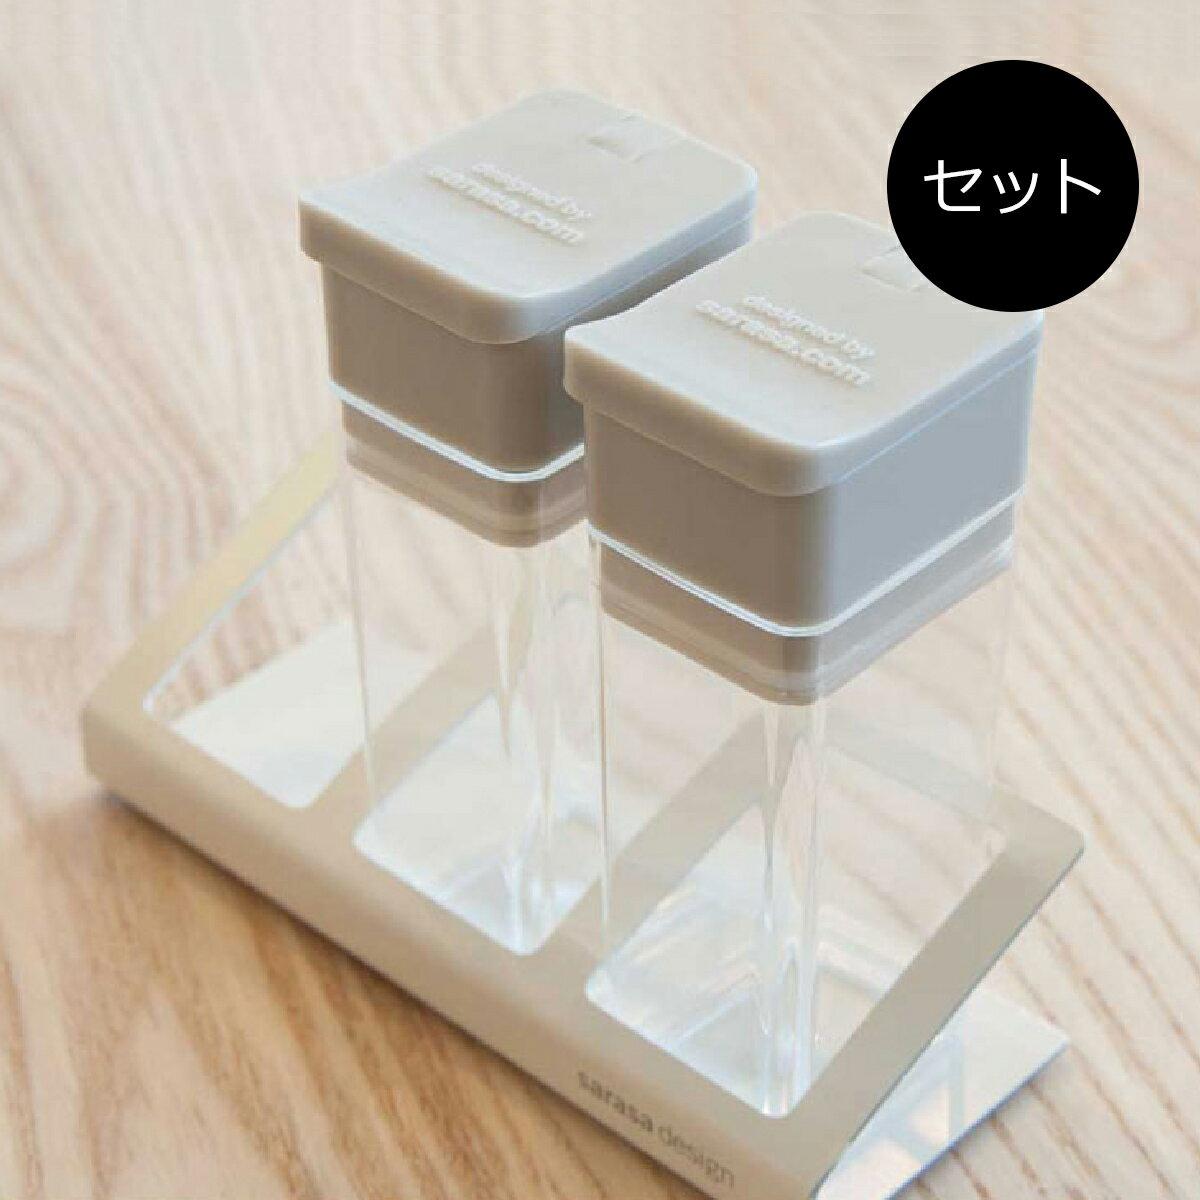 当店通常価格¥2,916 [ お得なセット販売●b2cスパイスボトル3本 + ホルダー(3本用)セット]